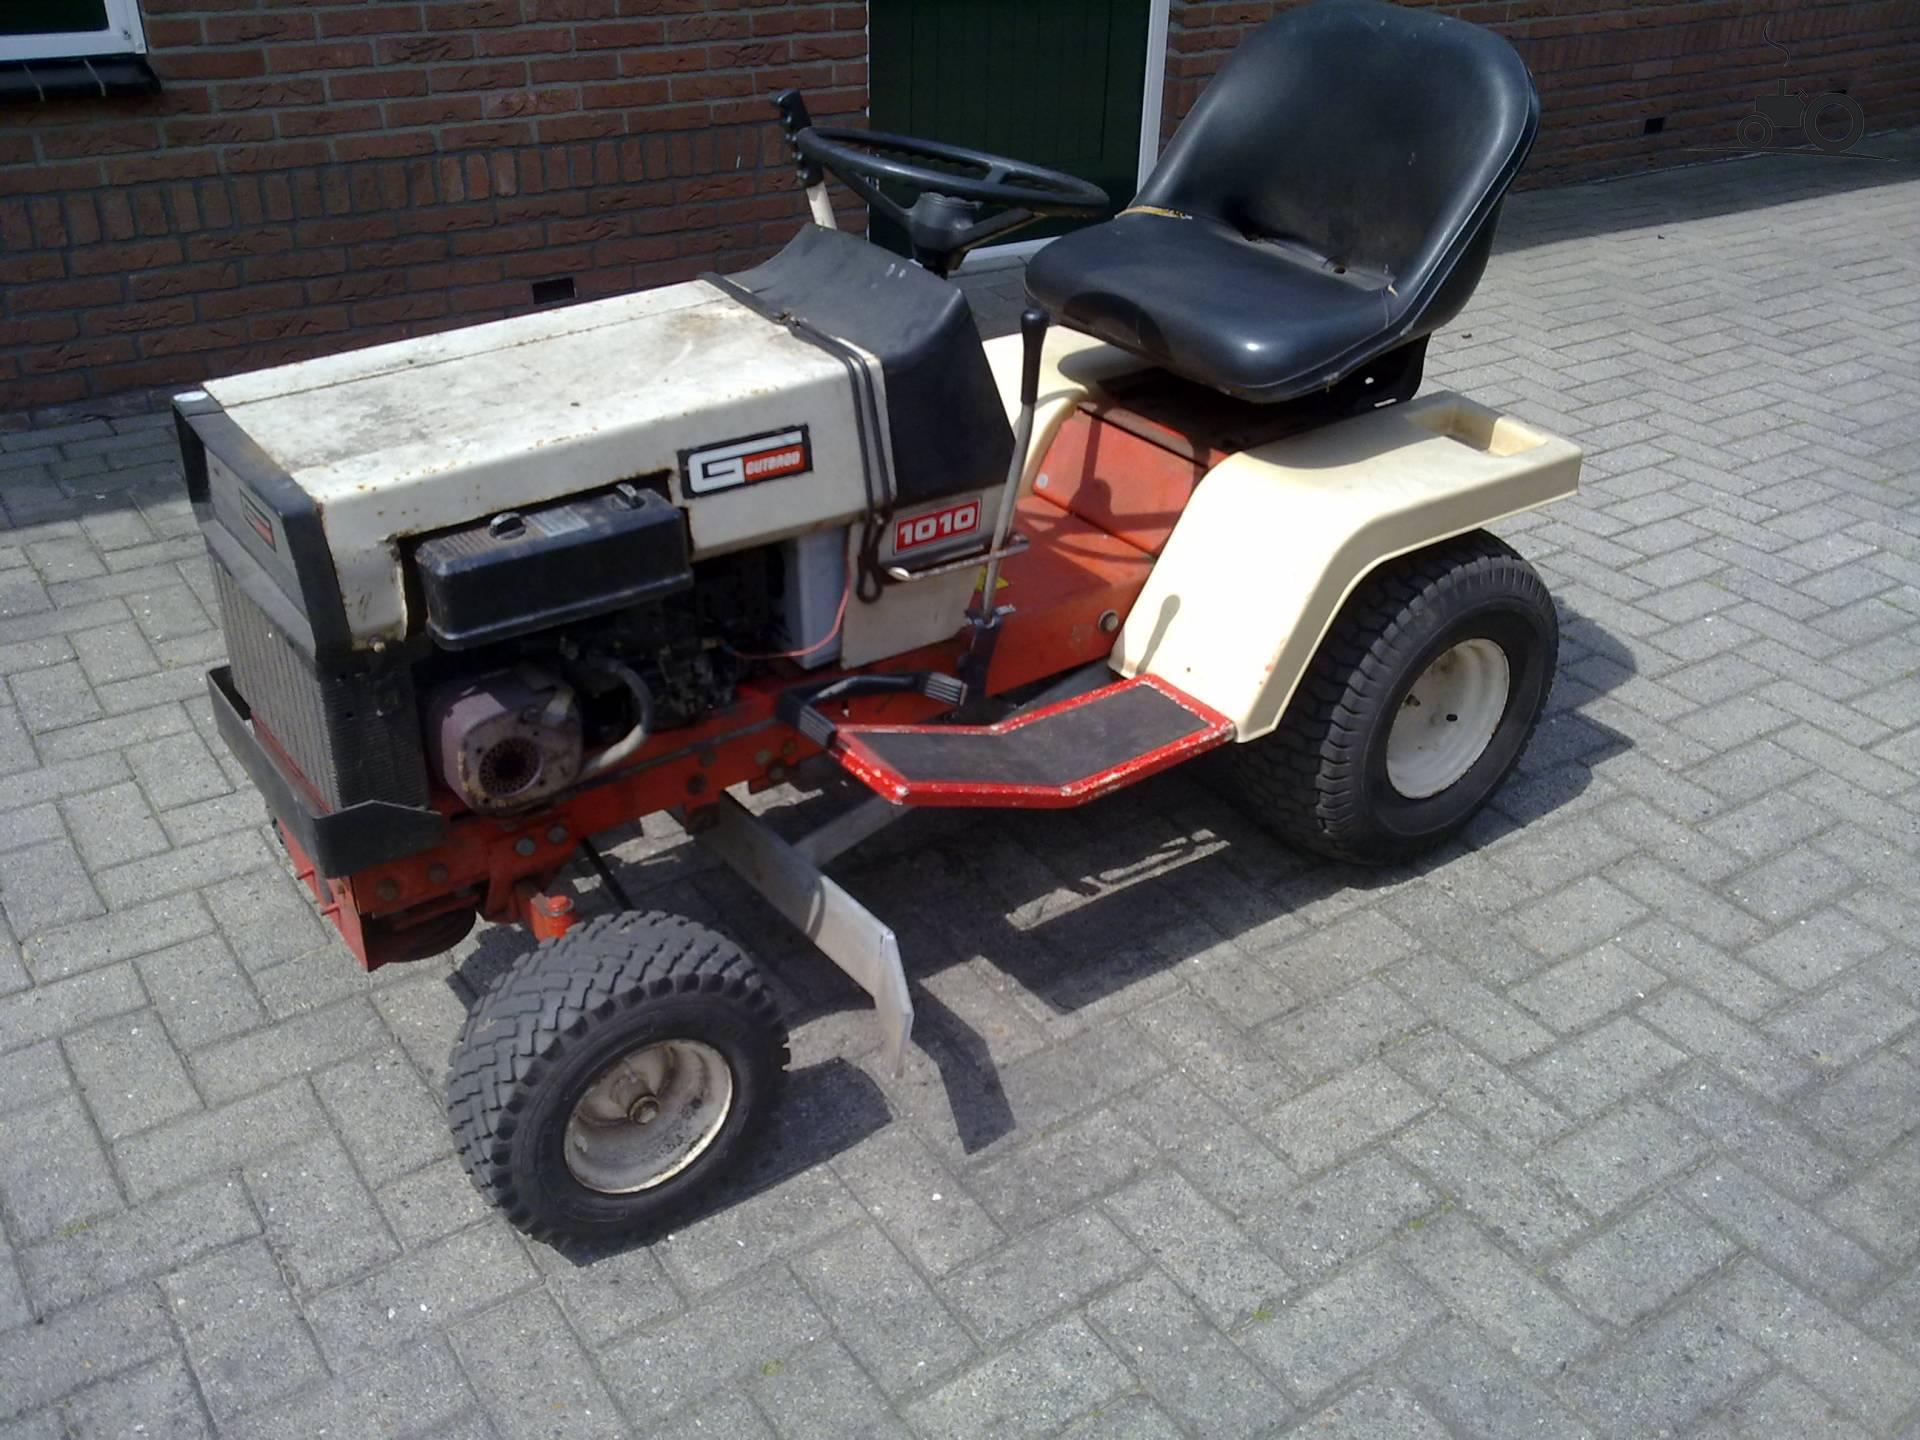 Mini tracteur avec remorque 900 forum pr voyance r silience - Mini tracteur tondeuse ...